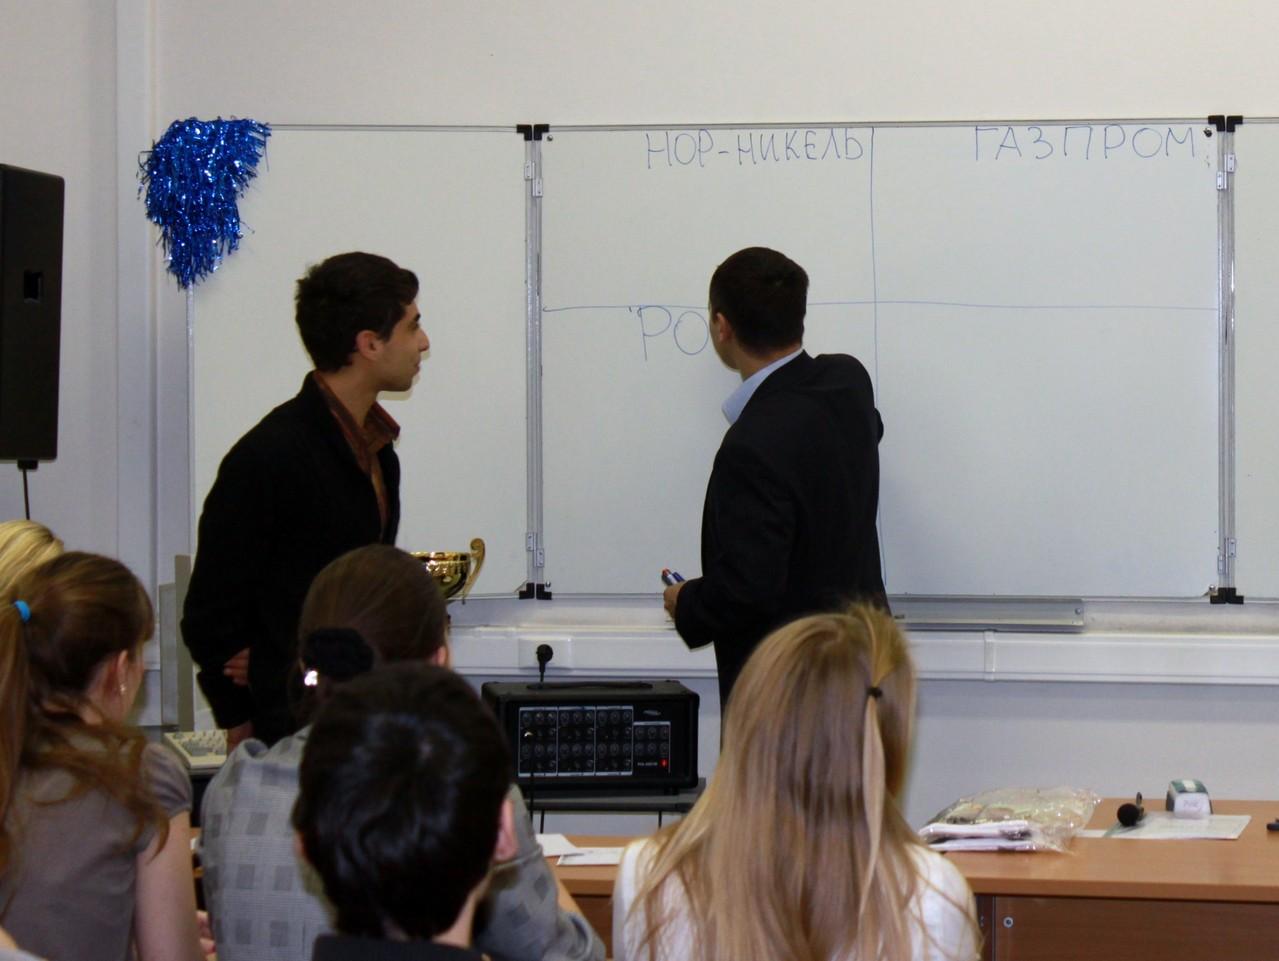 Спасибо Дане, за помощь и прекрасную презентацию по событиям 2012 года